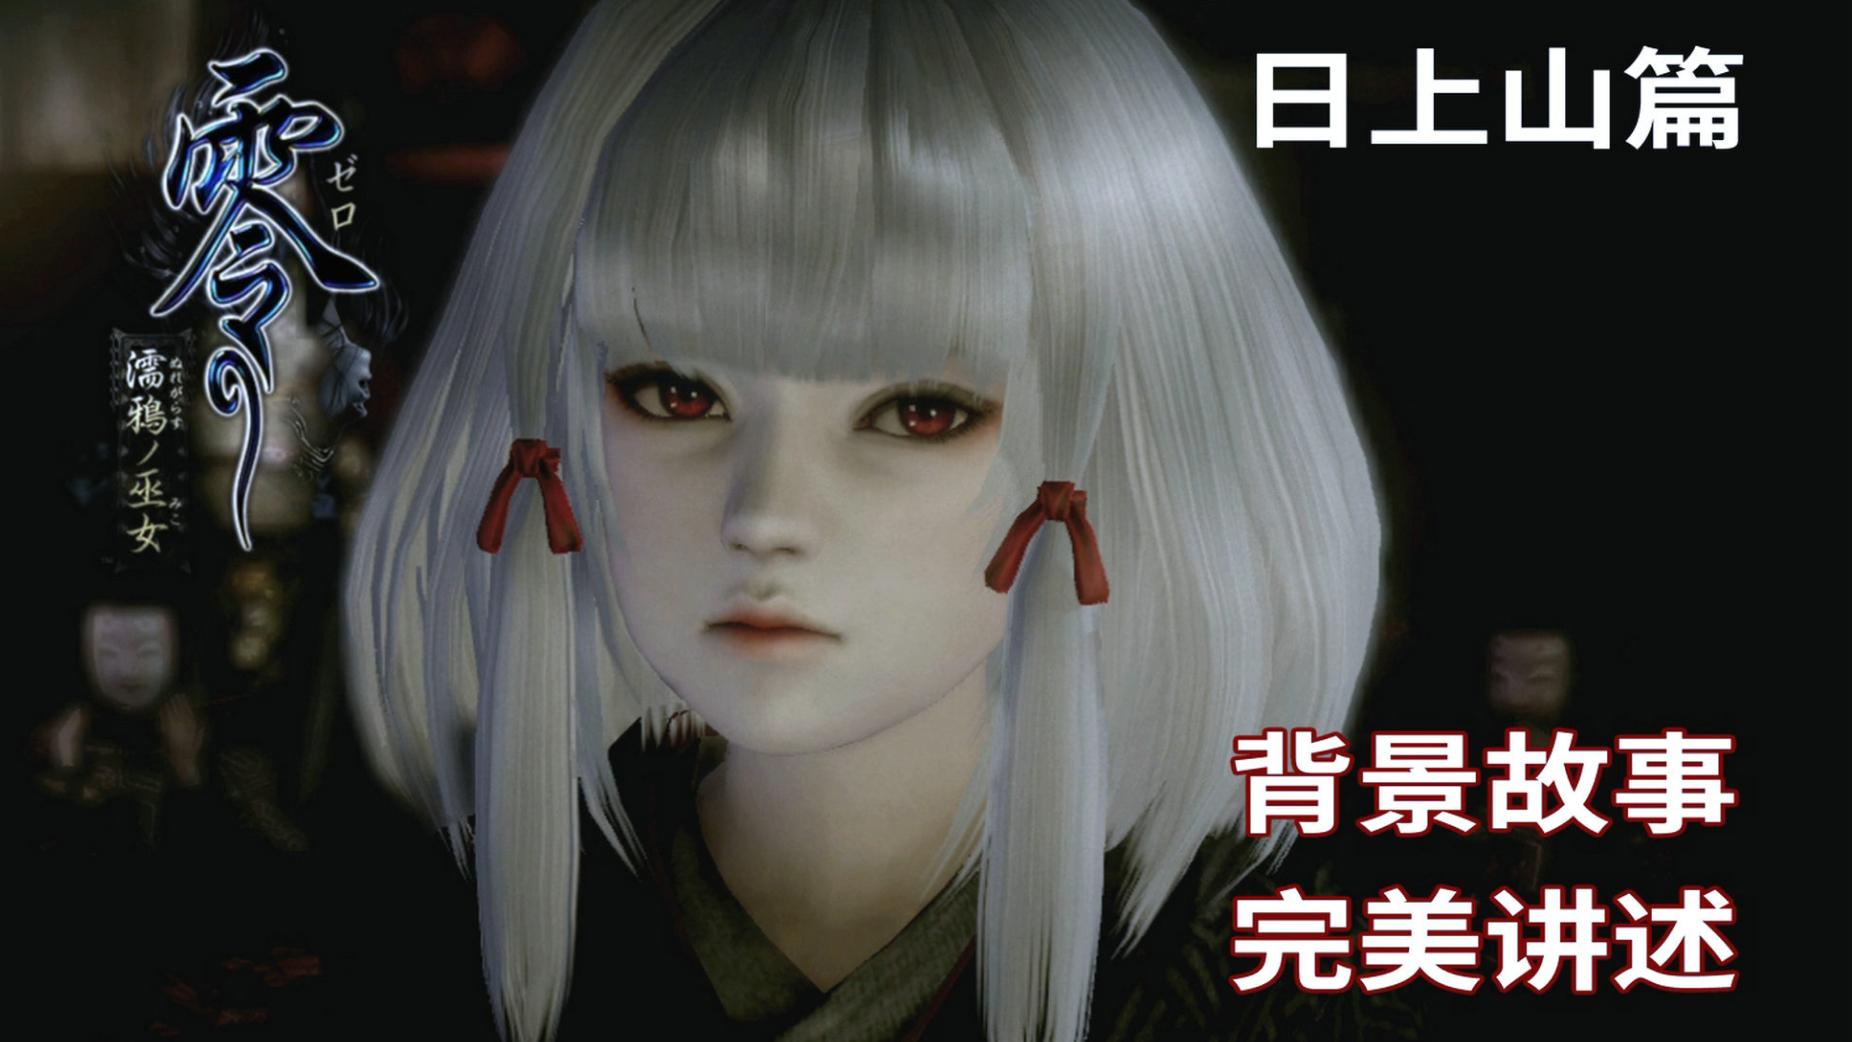 【游戏读品】完美讲述《零:濡鸦之巫女》背景故事—日上山篇